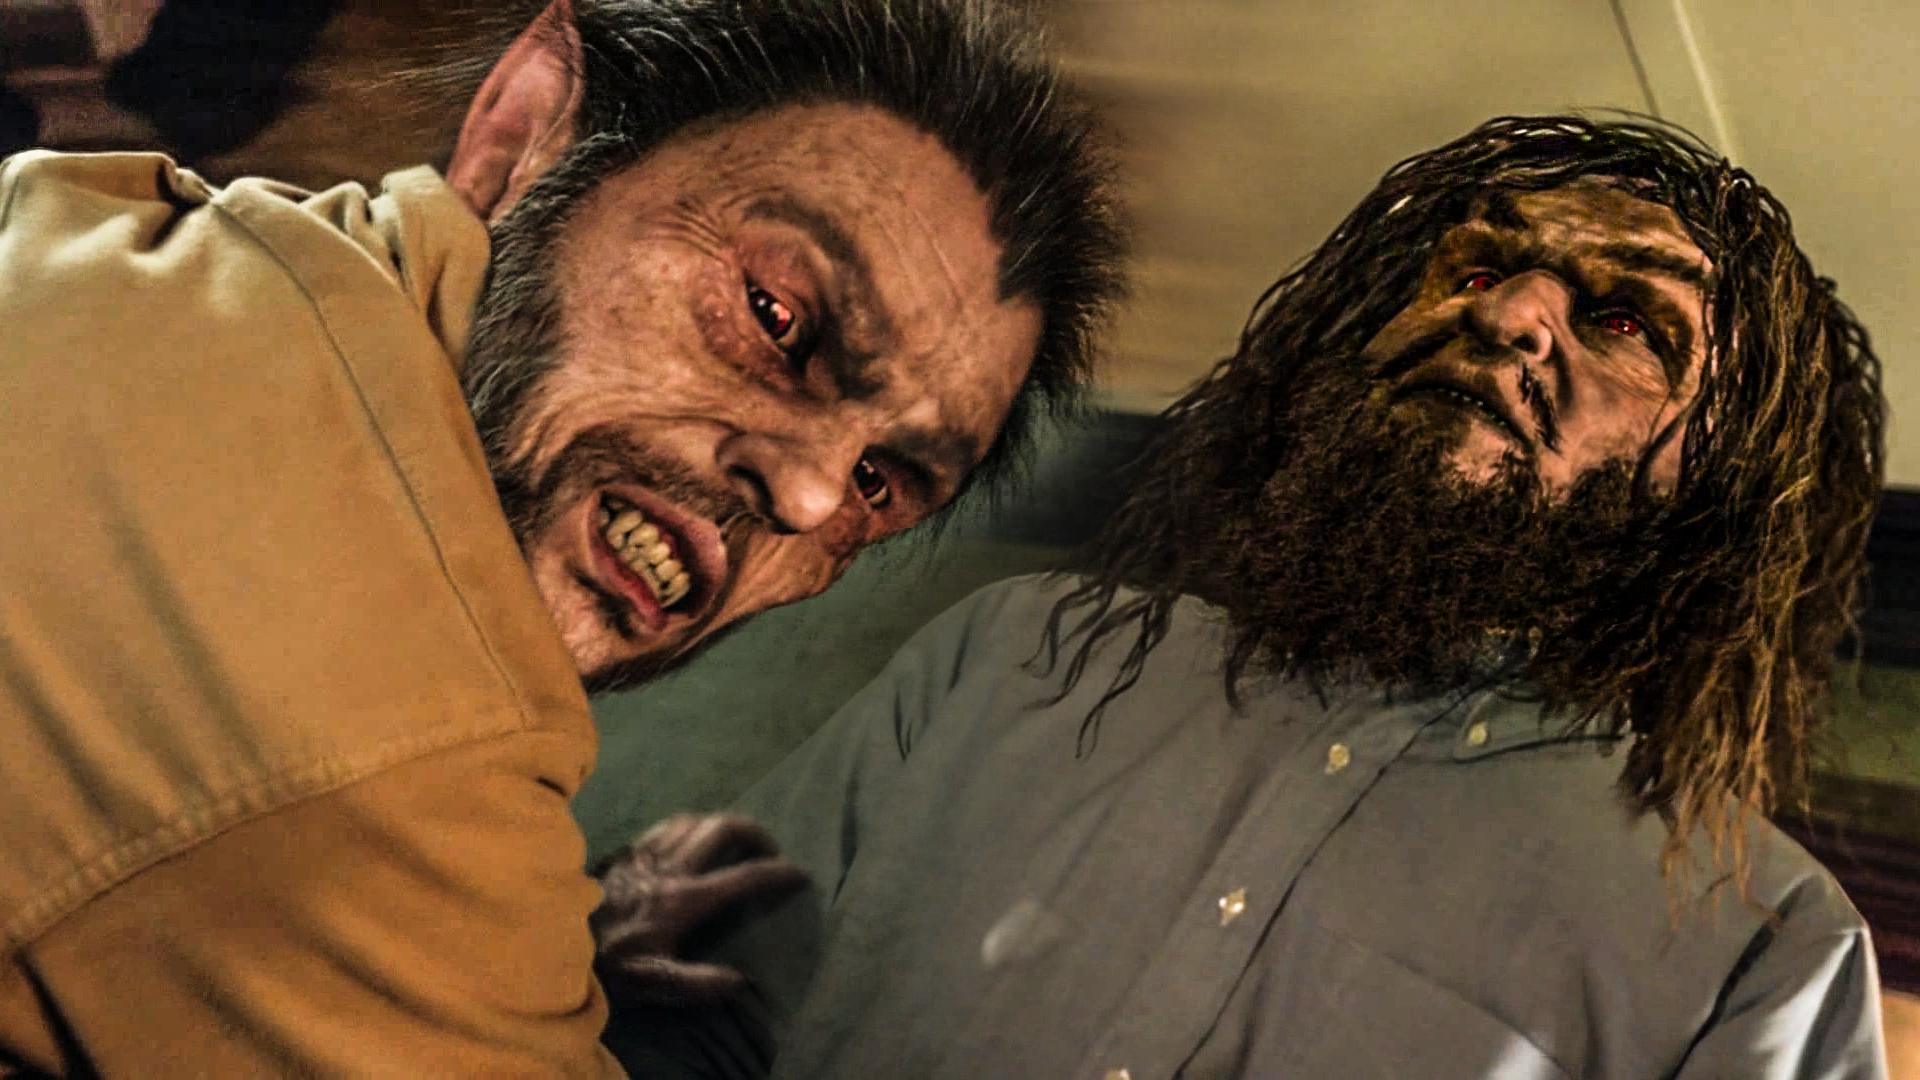 《格林》大脚怪篇,妖怪深夜入室吃人,这次踢到铁板闯进了狼人家